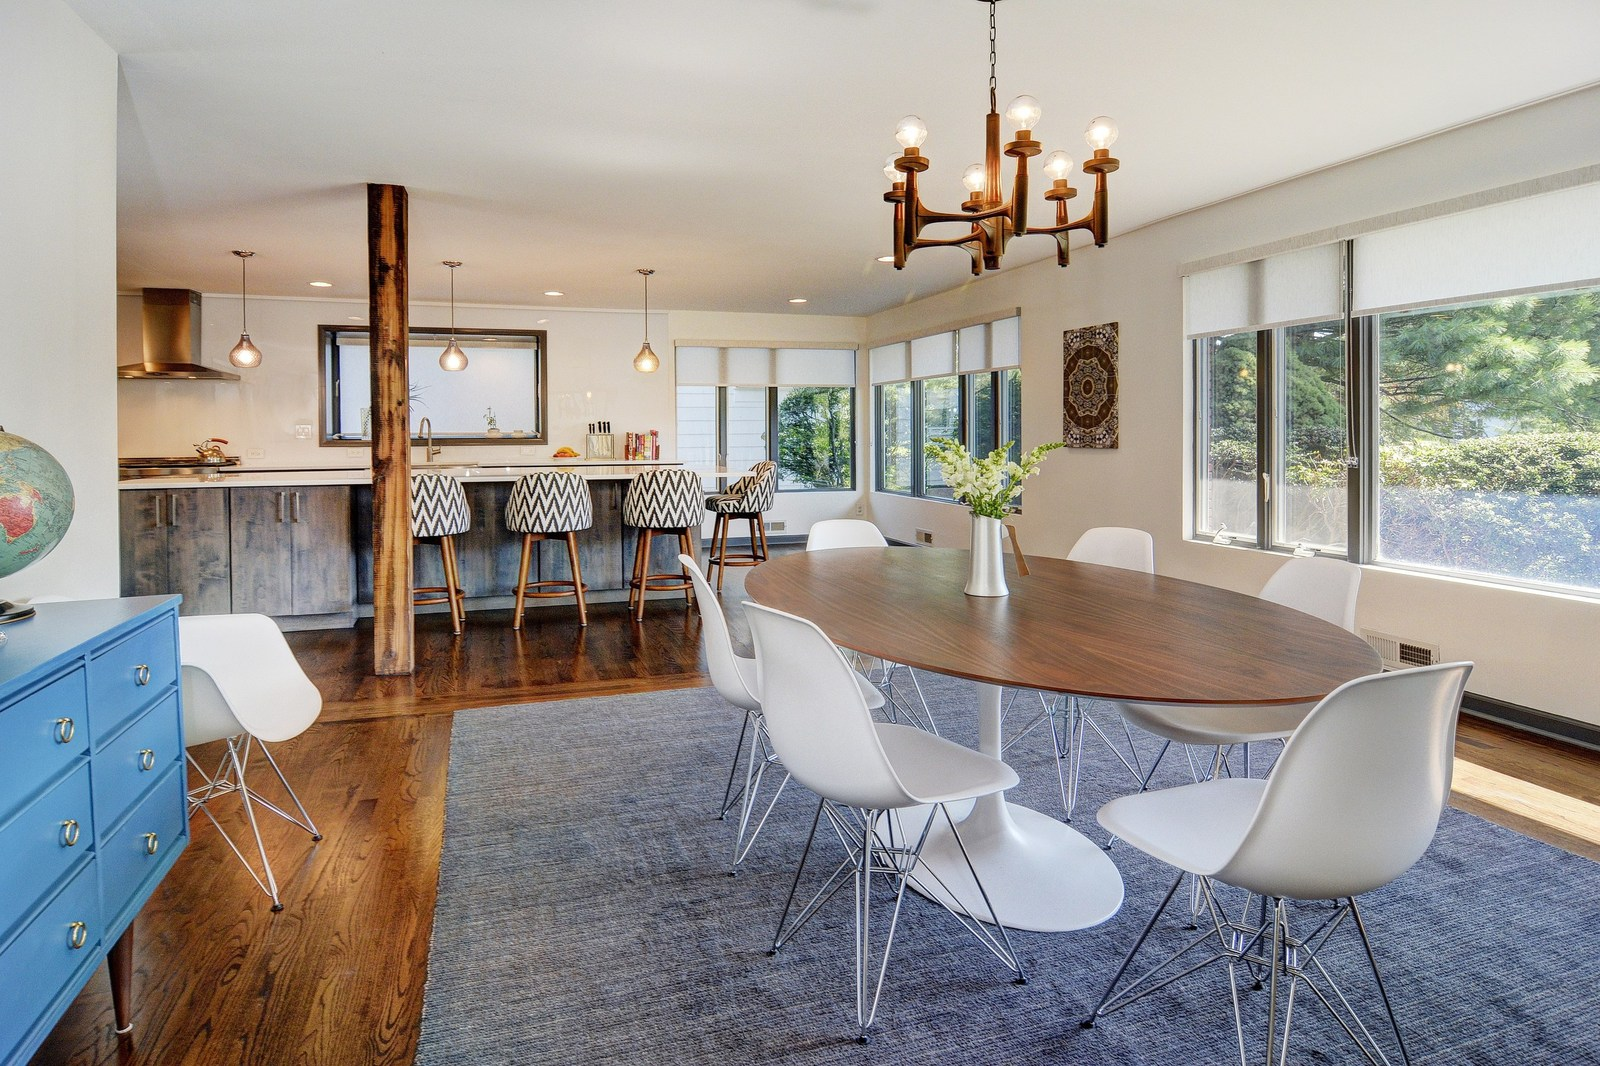 Kitchen Interior Design Needs Assessment